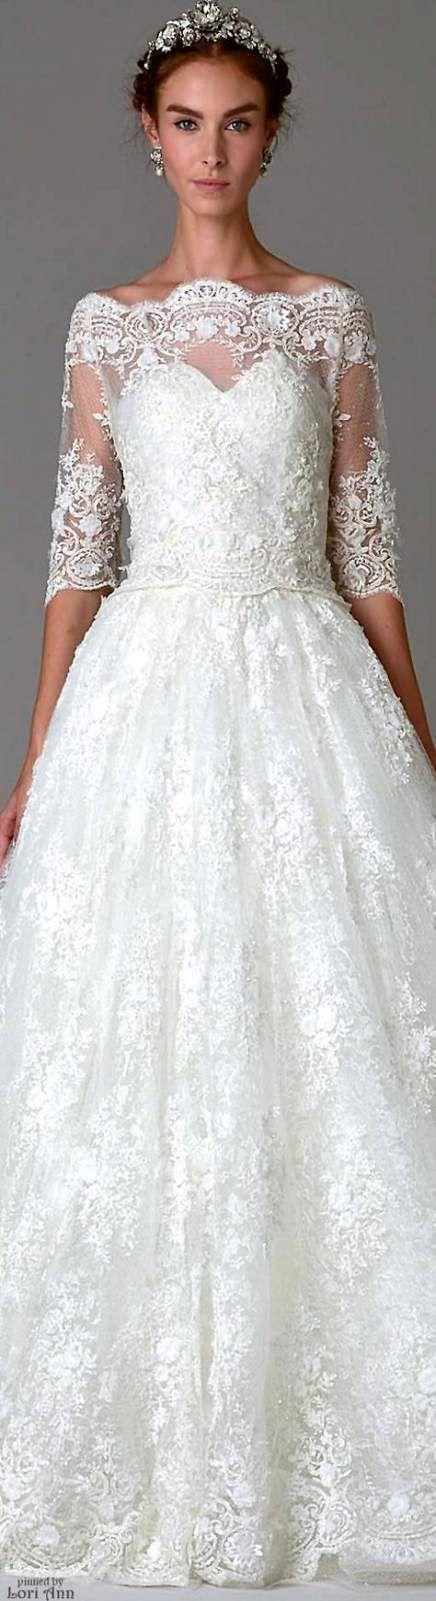 Best Wedding Dresses Unique Fairy Tales Ideas